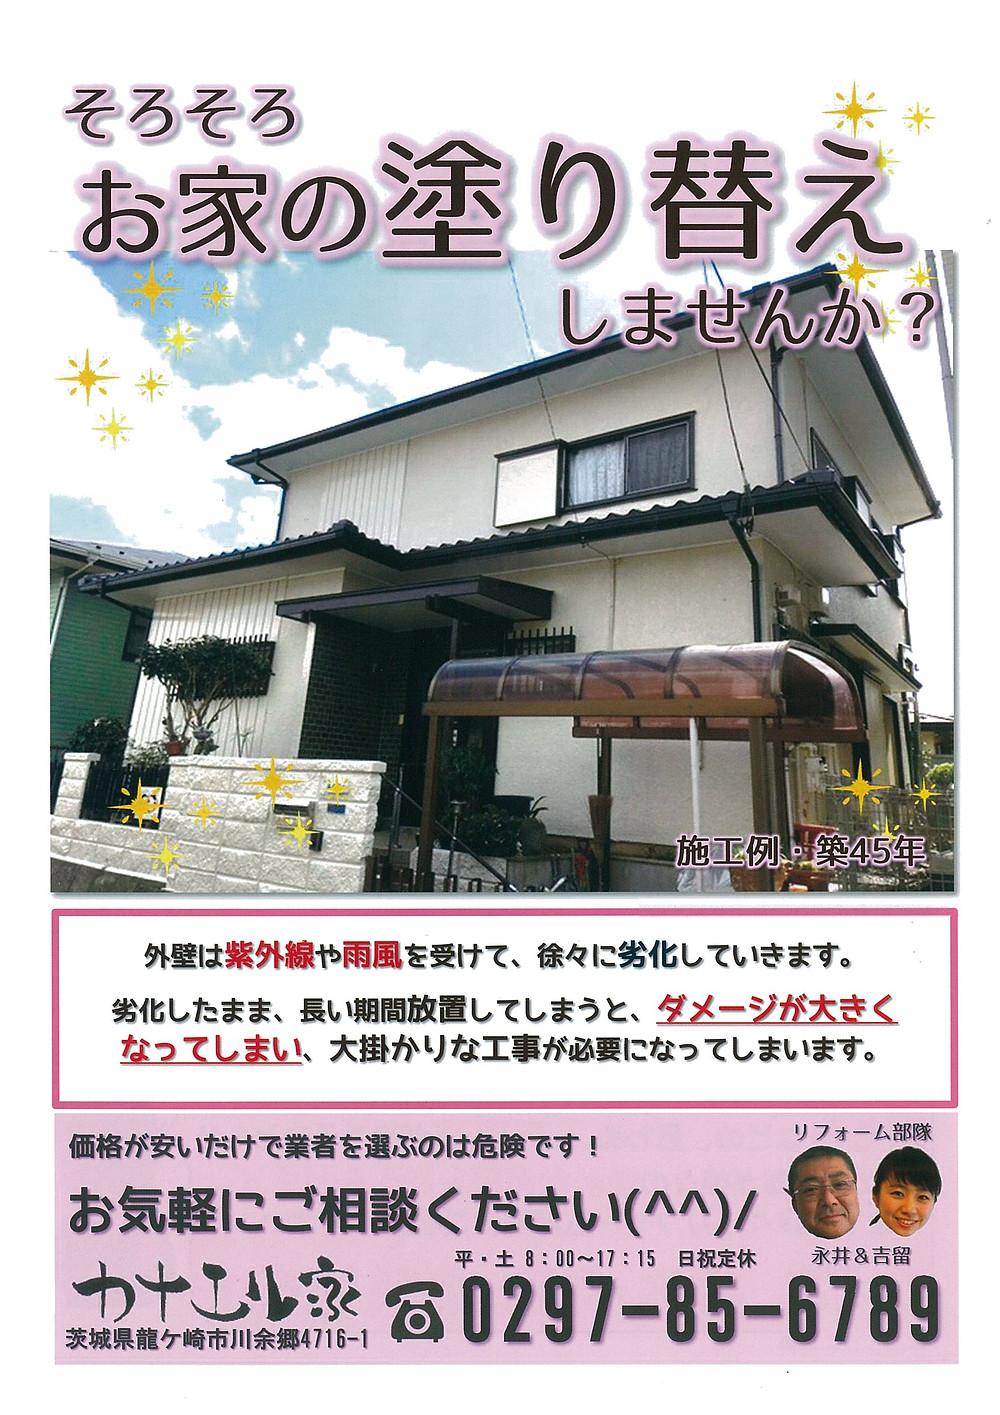 ひろし&とめ子のリフォーム部隊!